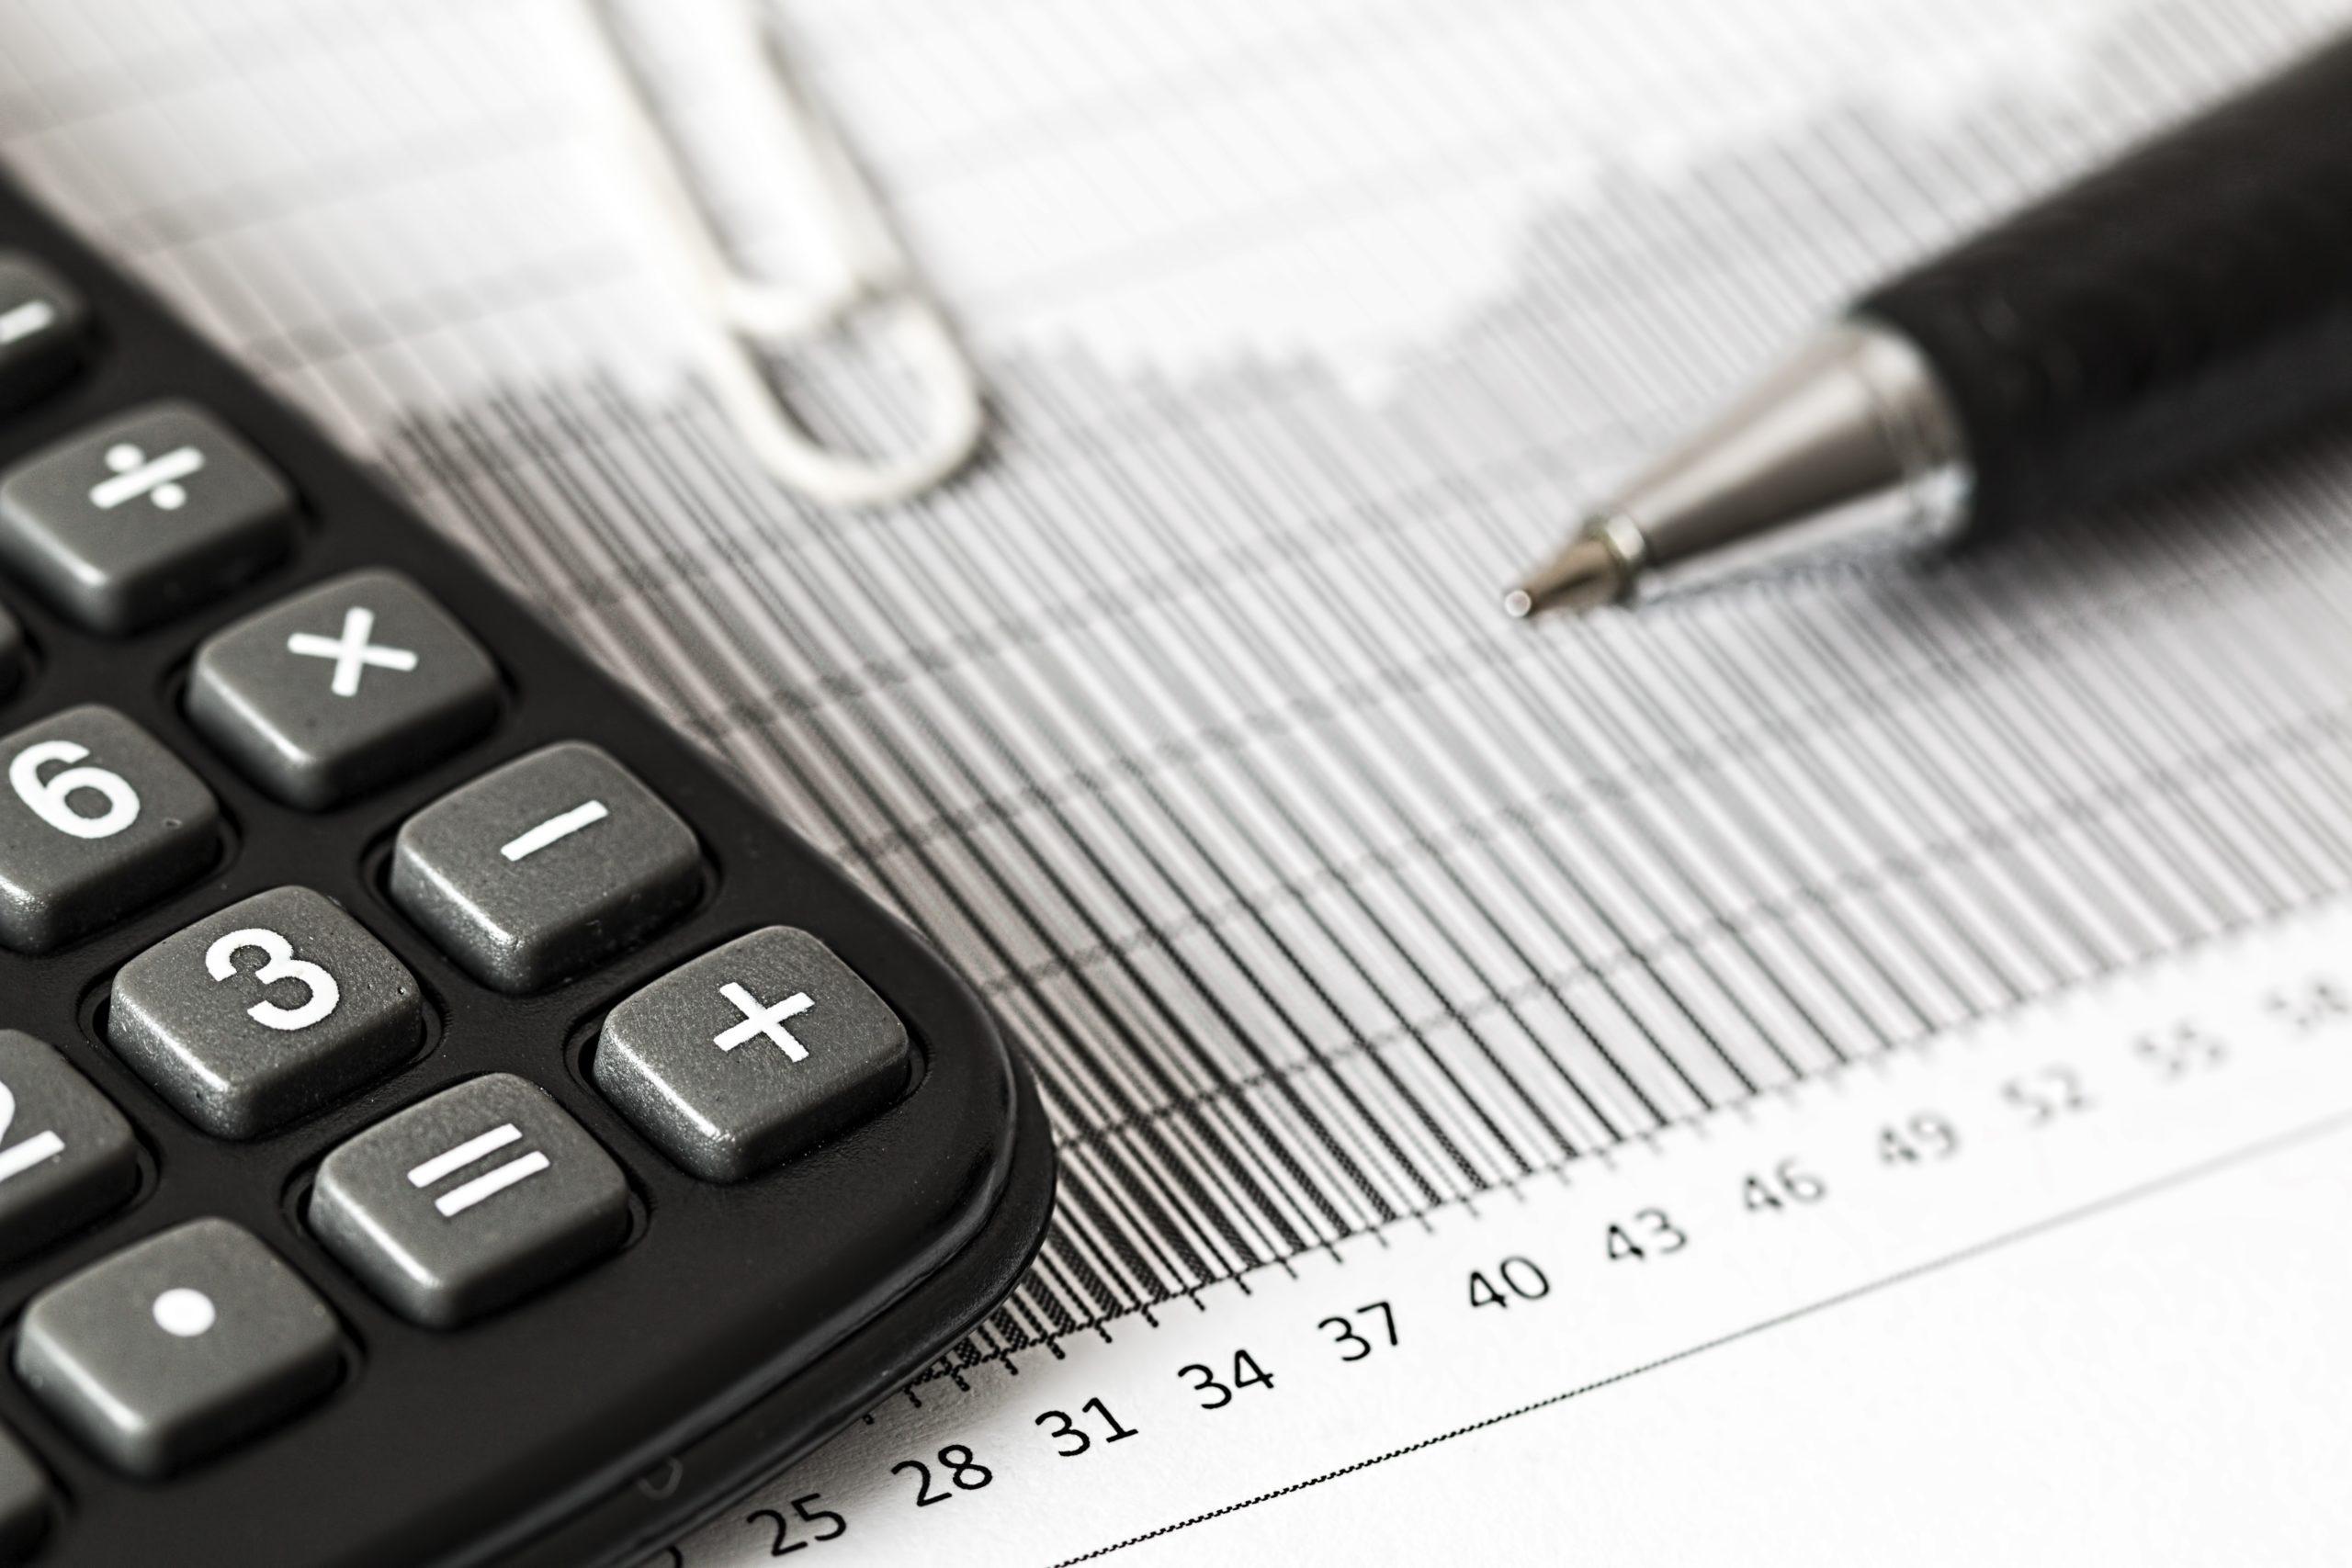 L'Agenzia Delle Entrate Conferma: Bonifici Contributi A Fondo Perduto Entro 10 Giorni Dalla Presentazione Dell'istanza